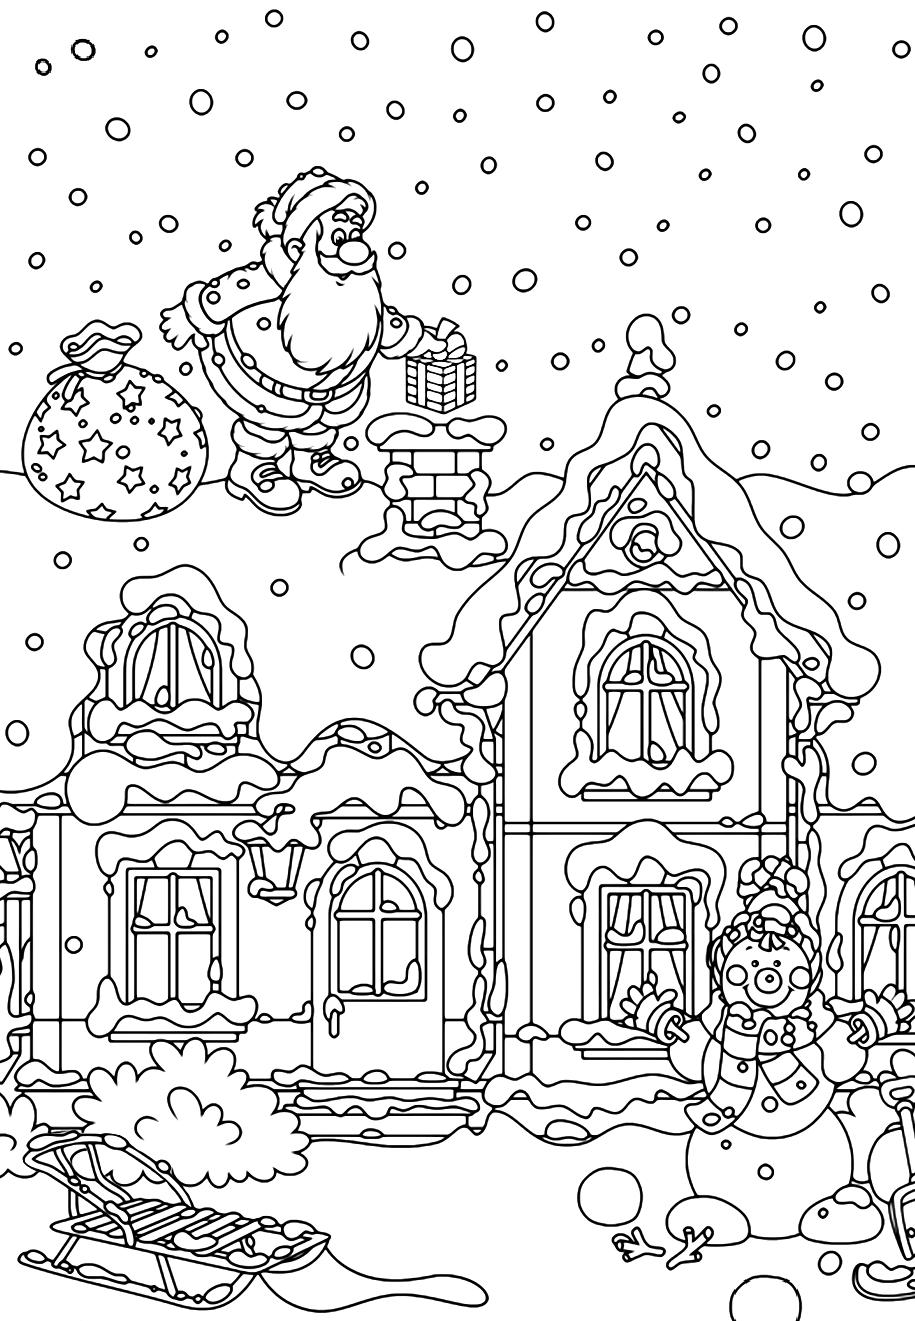 Раскраска Санта Клаус на крыше дома